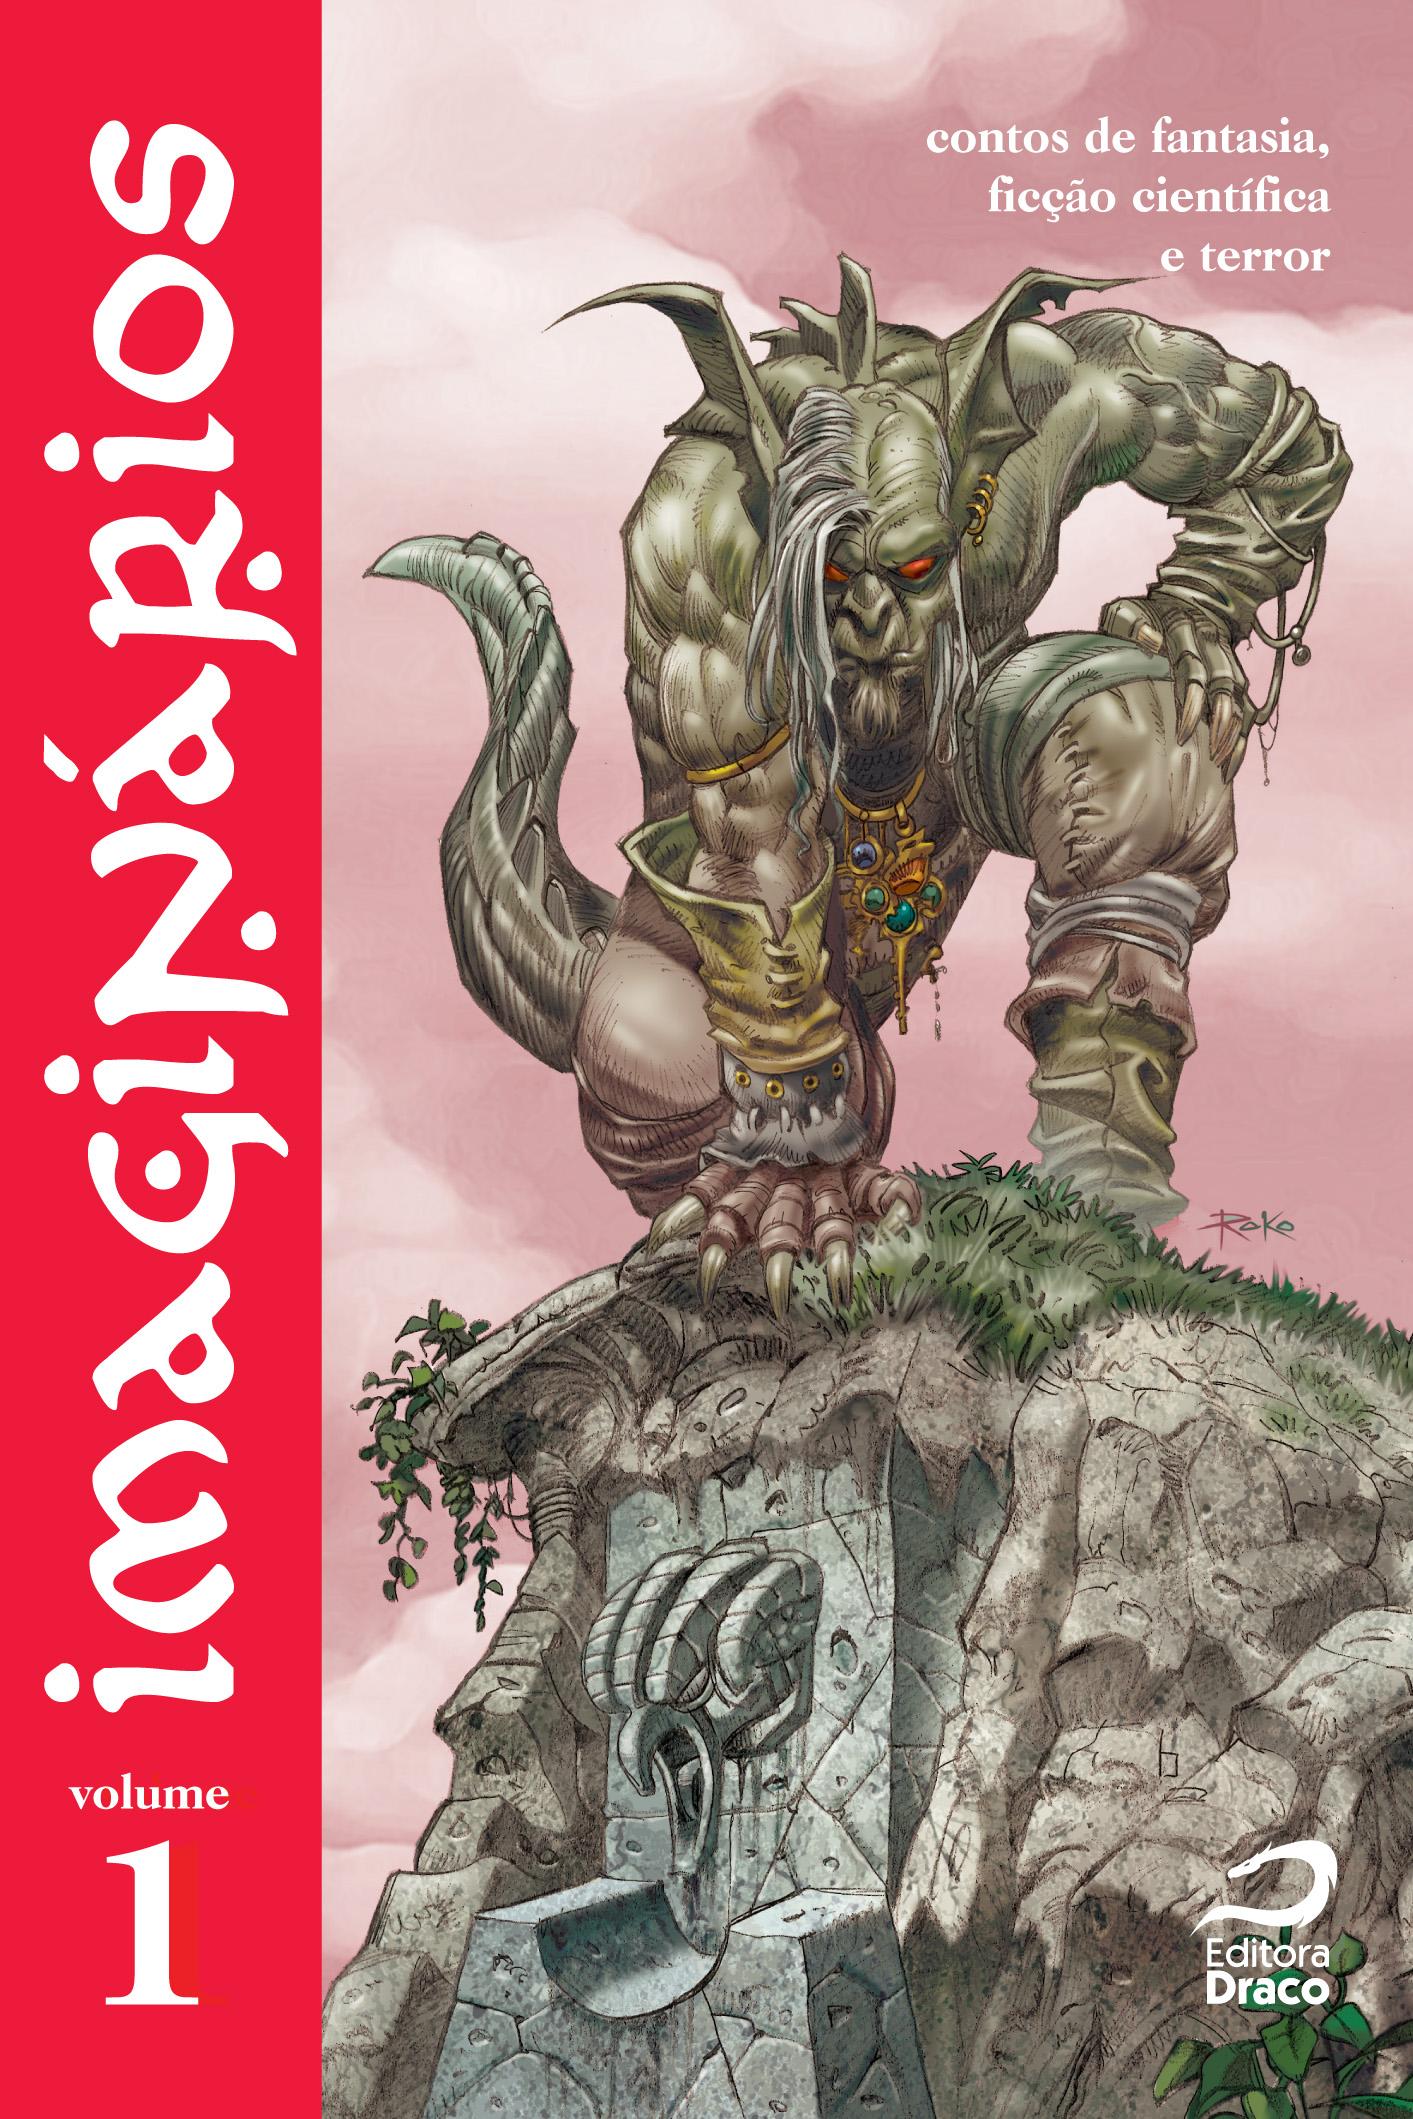 Photo of Imaginários Volume 1: uma coleção de contos fantásticos para todos os tipos de nerds! [Livro]